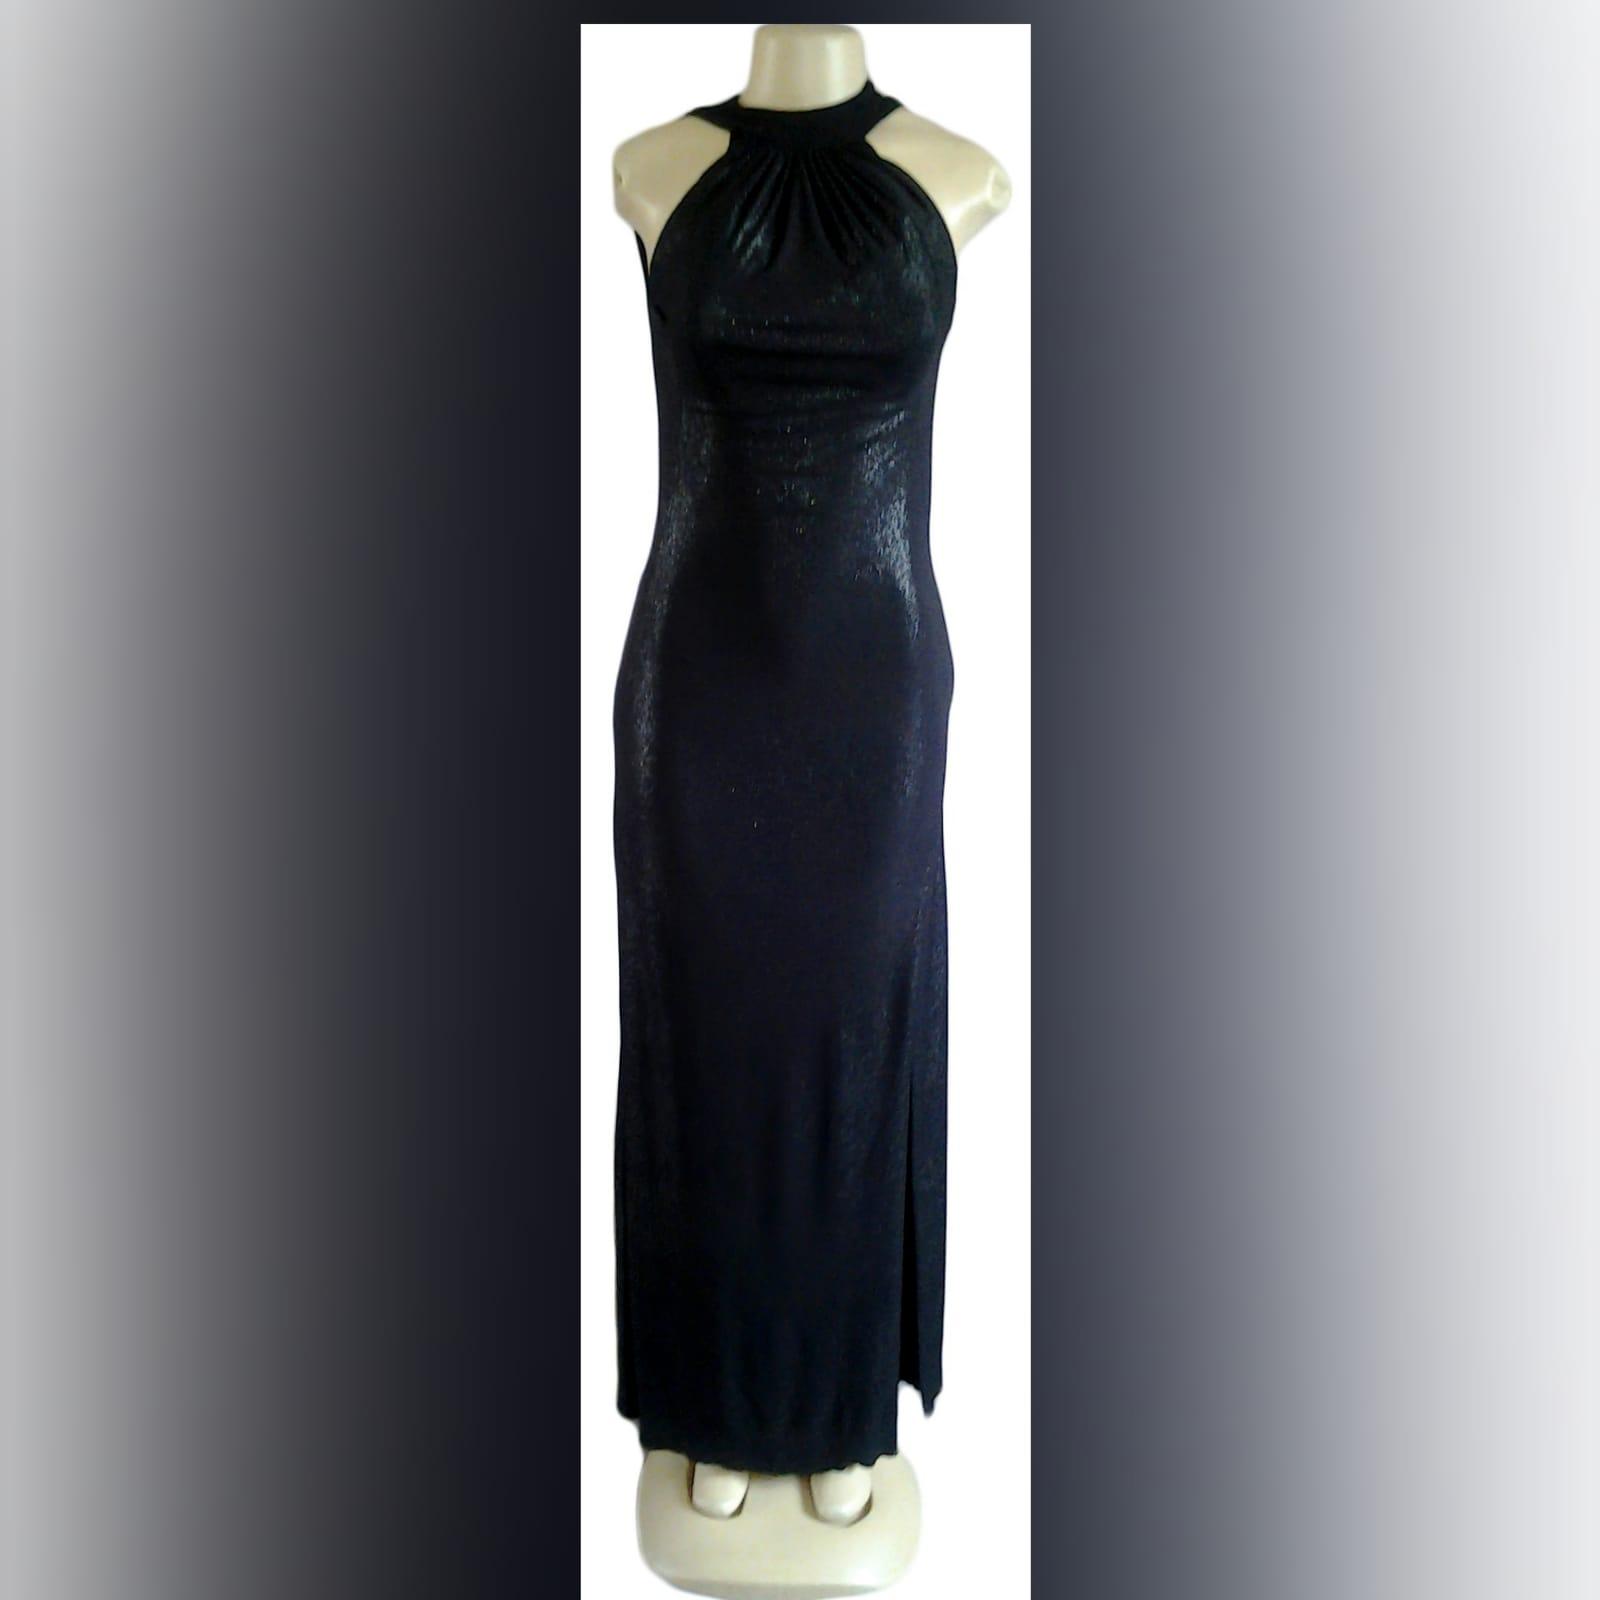 Vestido de noite preto brilhante longo 4 vestido de noite preto brilhante longo, com decote da frente recolhido, e um baixo cowl neck aberto na parte de trás, com uma fenda lateral.